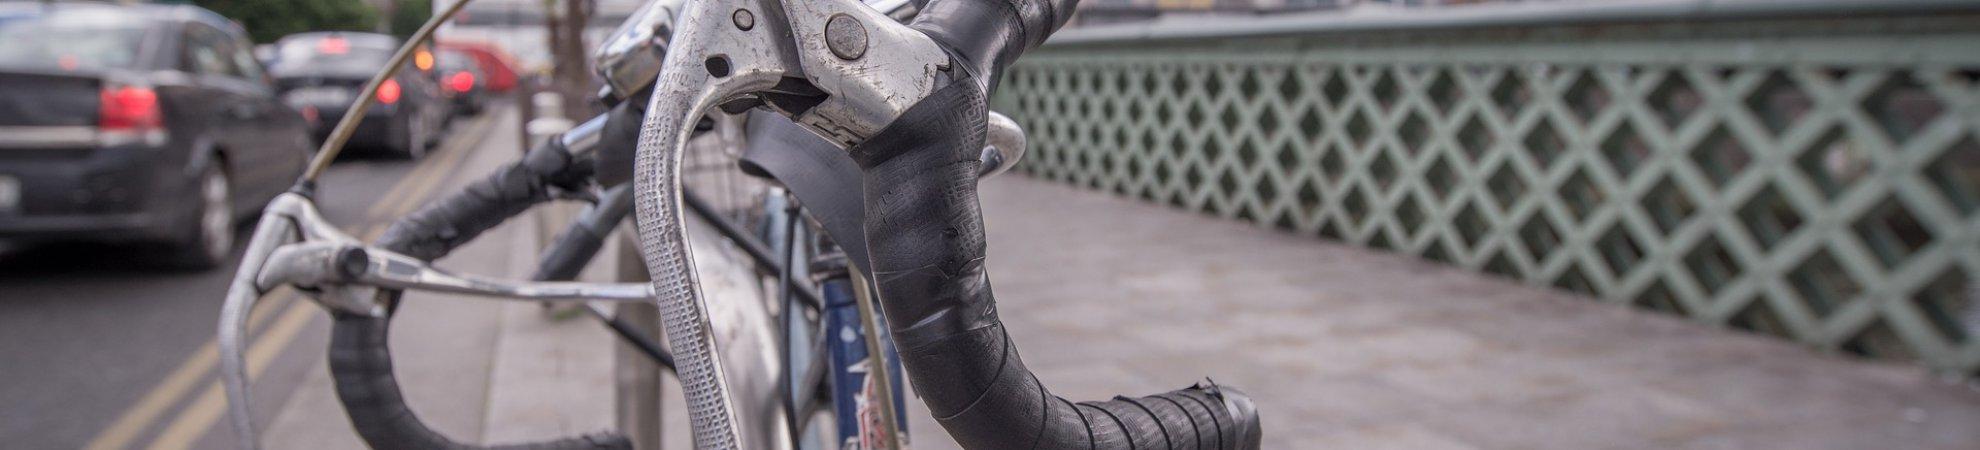 Dublin Cyclist Crash